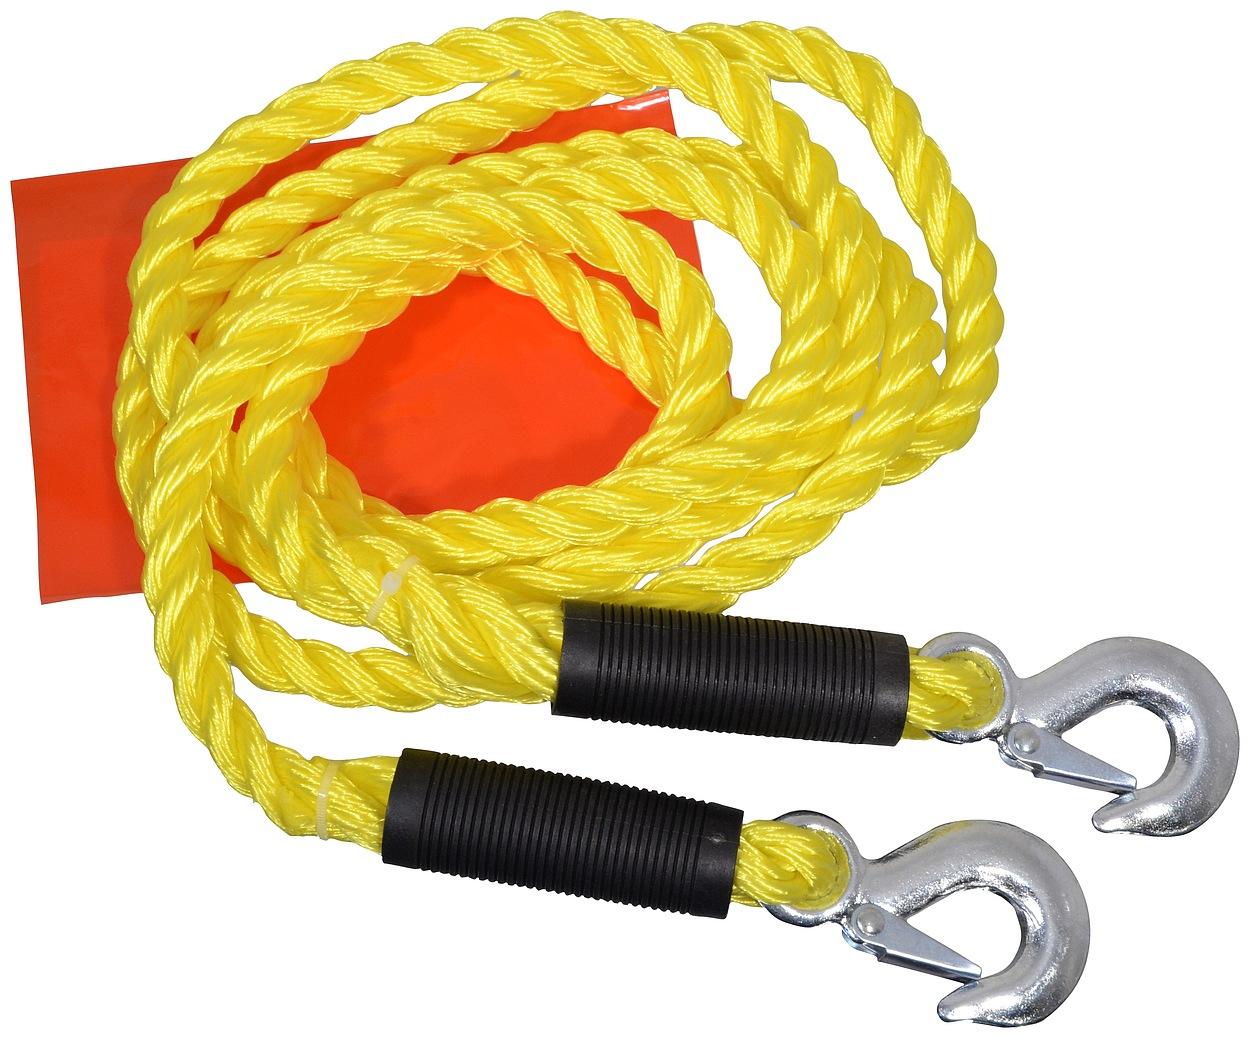 Tažná lana a tažné tyče